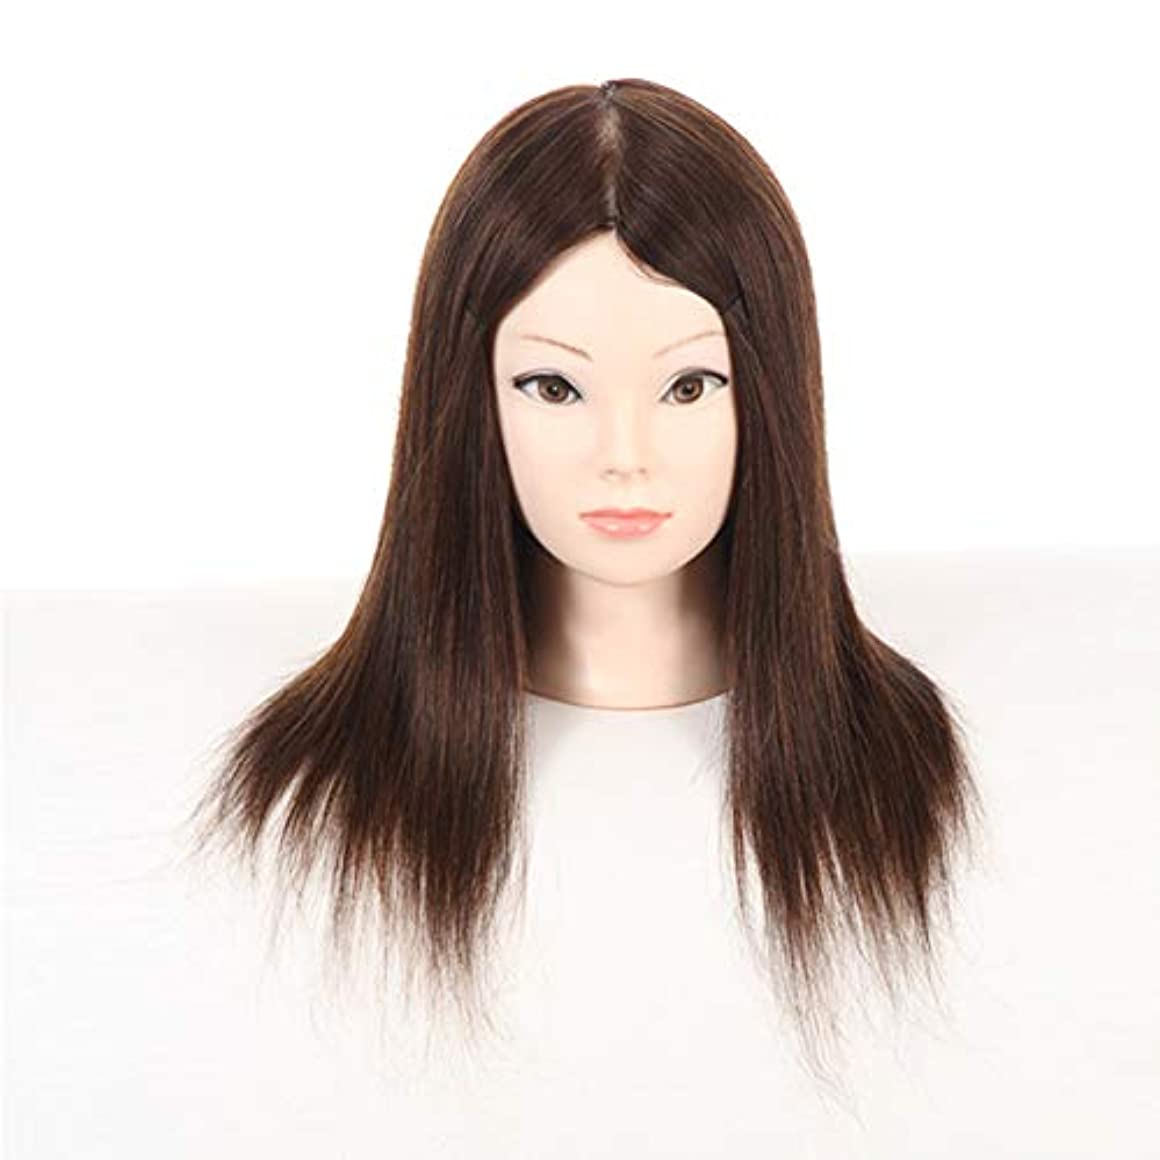 会員マットレステクスチャー本物の髪髪編組髪ヘアホット染料ヘッド型サロンモデリングウィッグエクササイズヘッド散髪学習ダミーヘッド